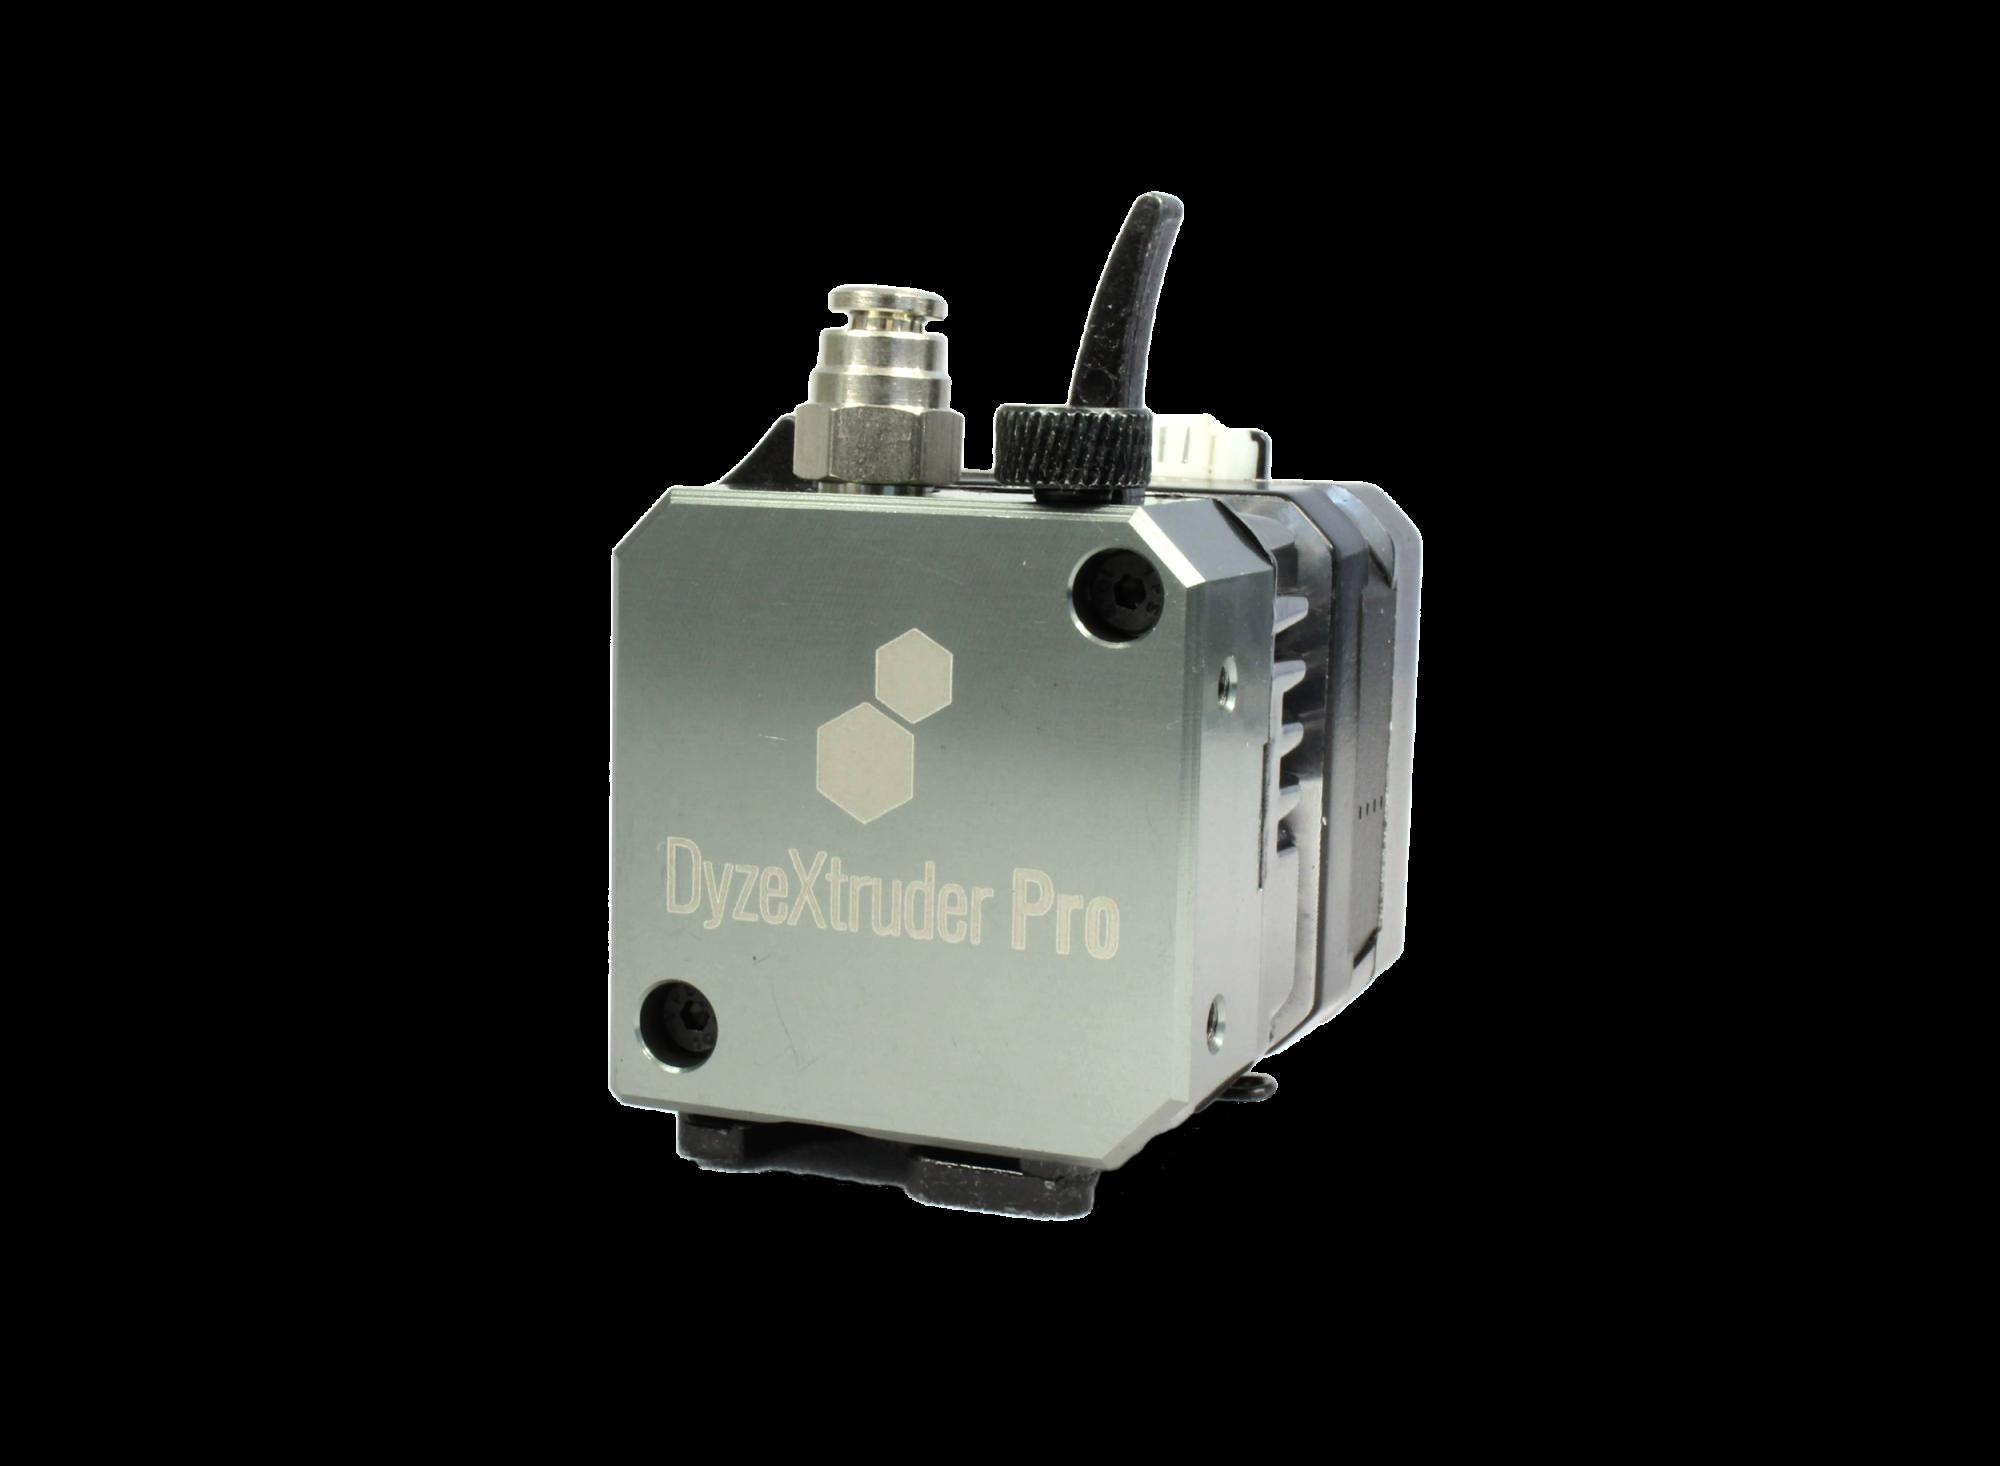 DyzeXtruder Pro